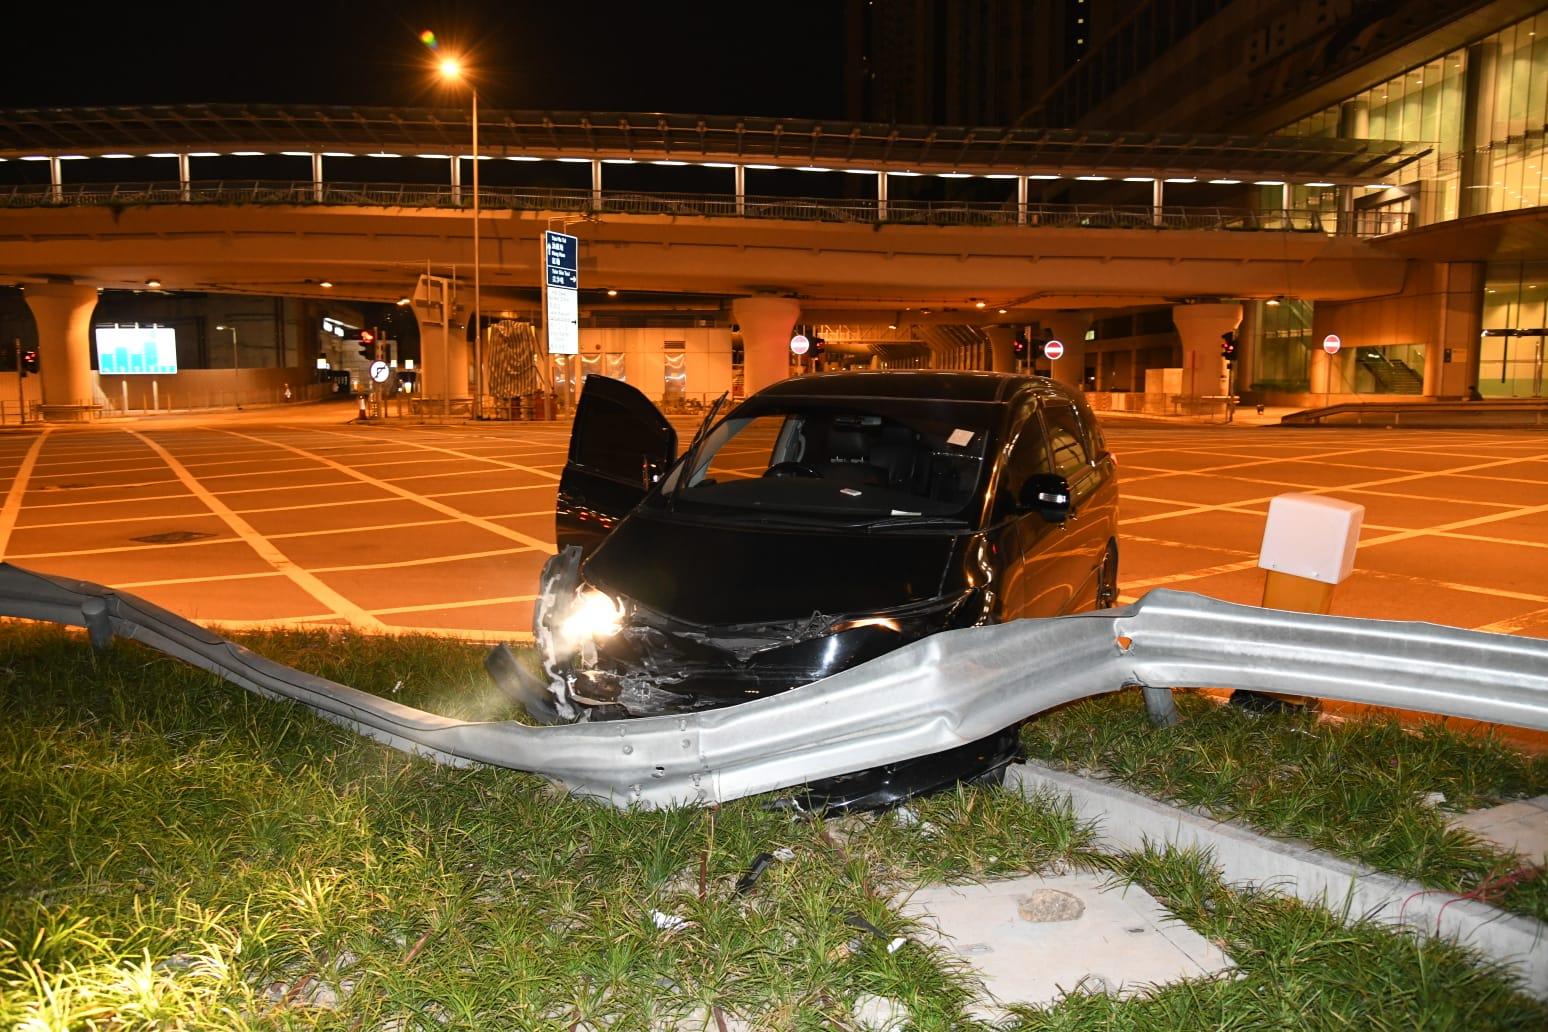 七人车佐敦剷上草坪撞栏 司机失踪